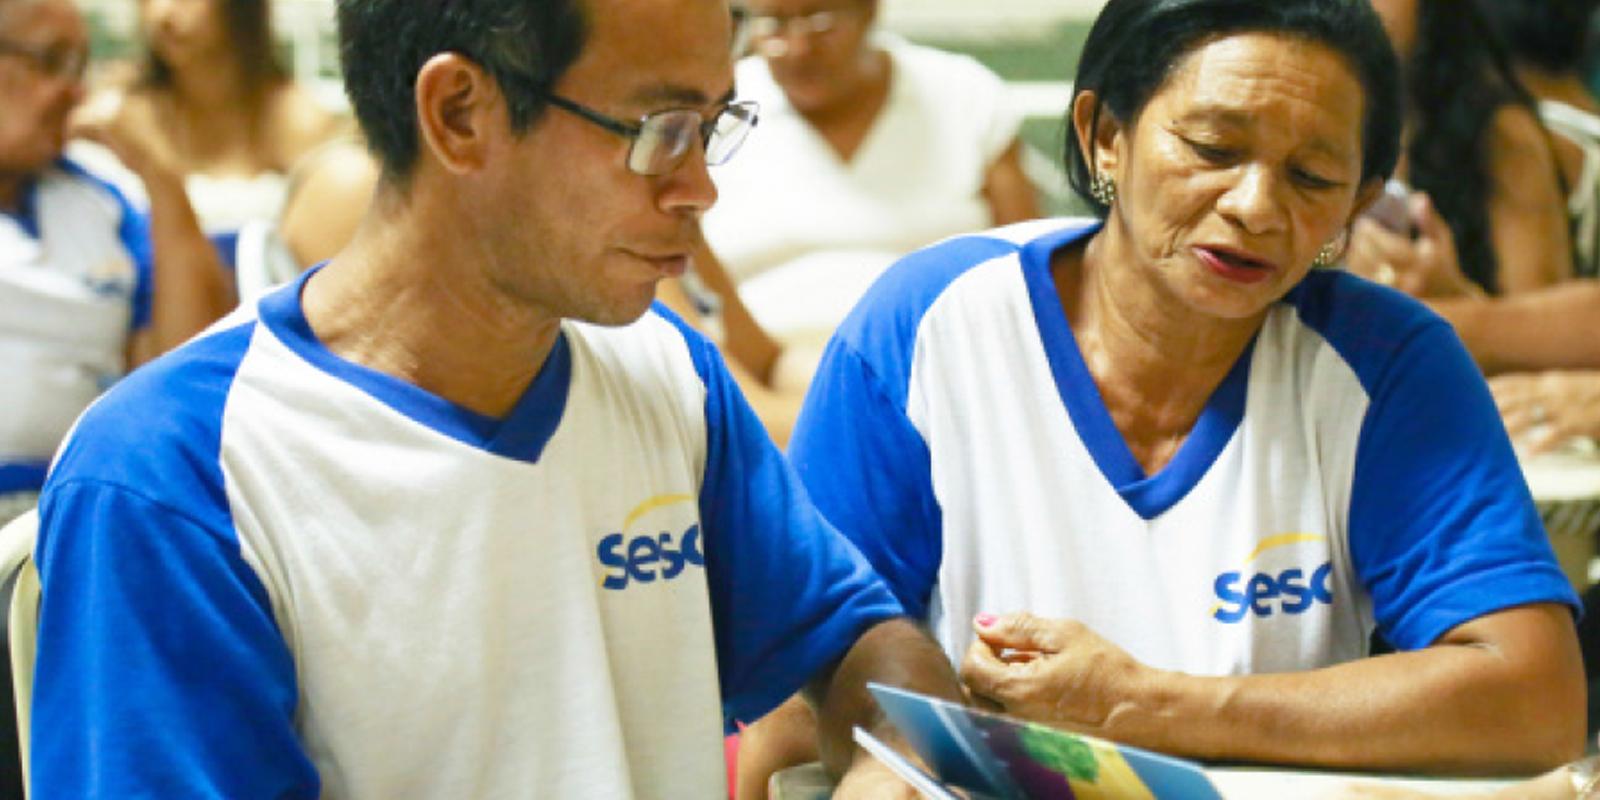 Educação de Jovens e Adultos. Sesc realiza mais de mais de 161 mil atendimentos